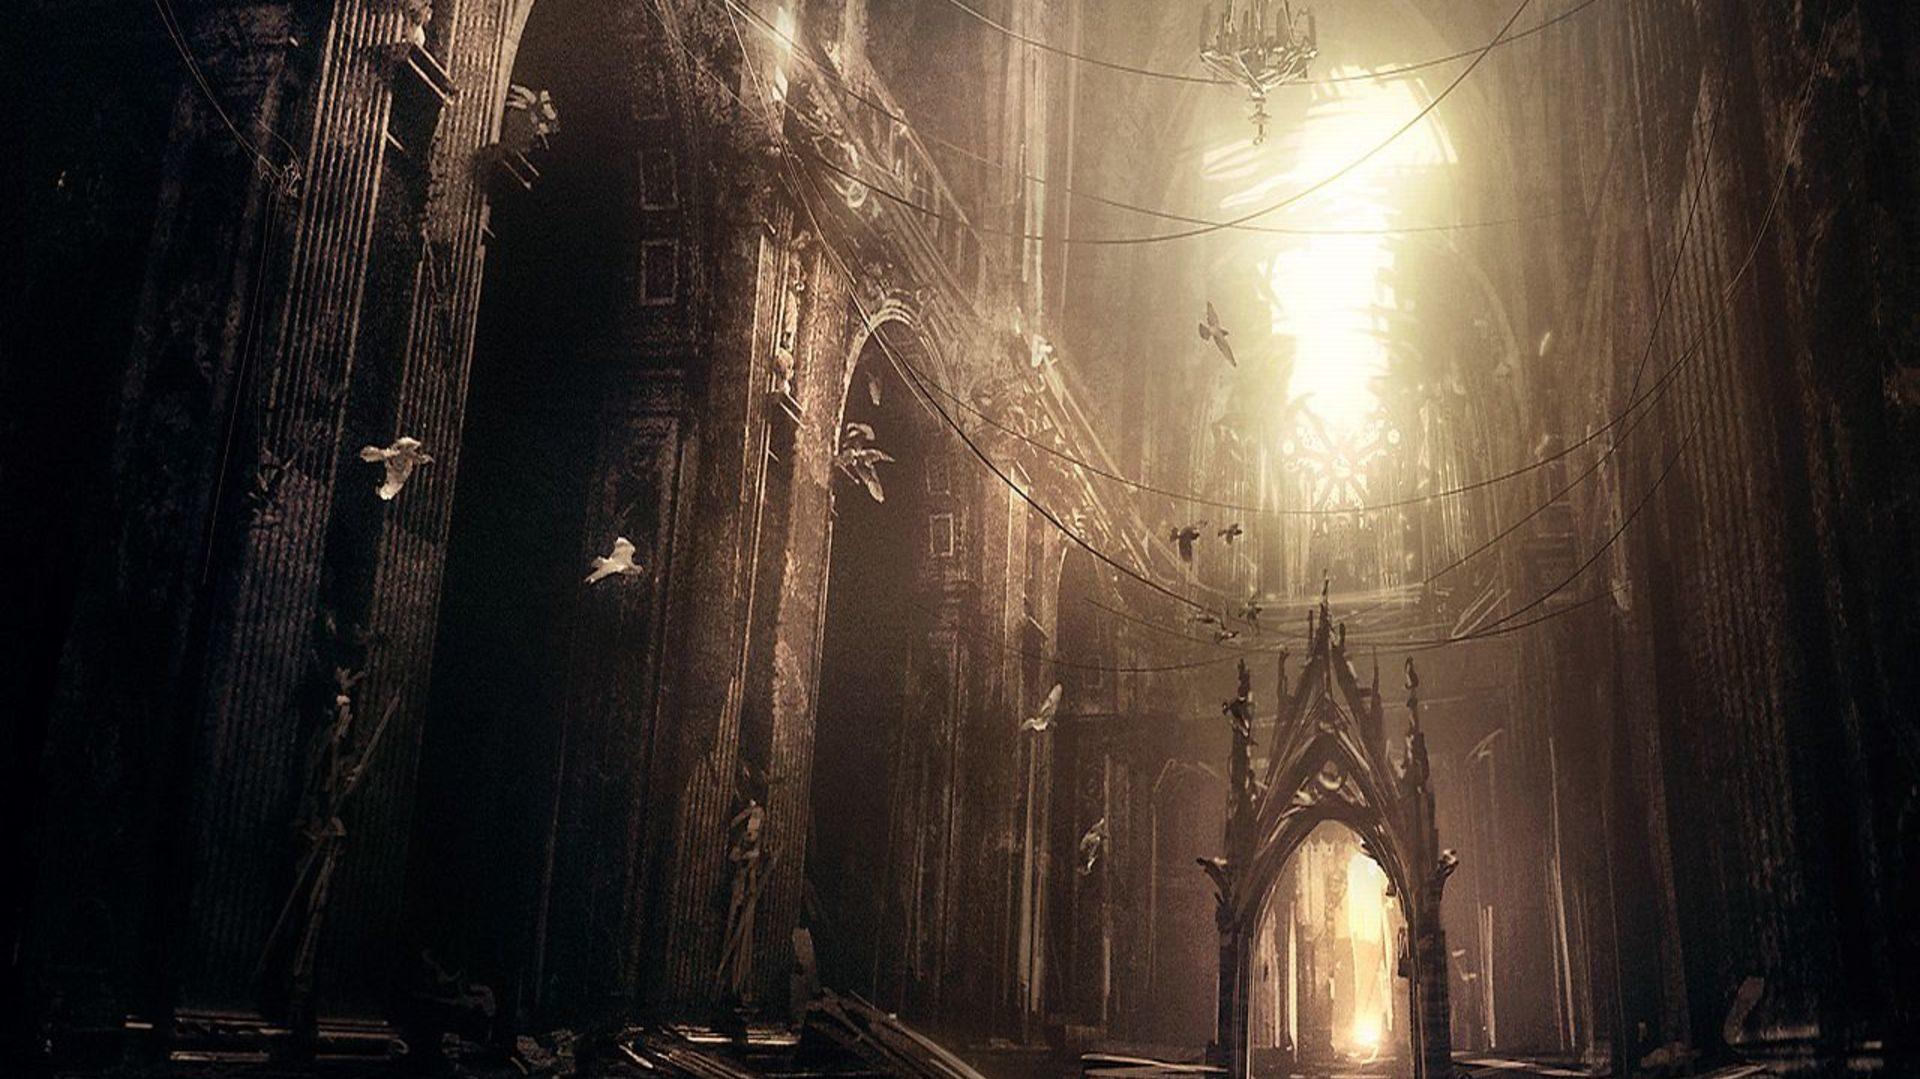 W Rytmie Światła - miasto wyobrażone